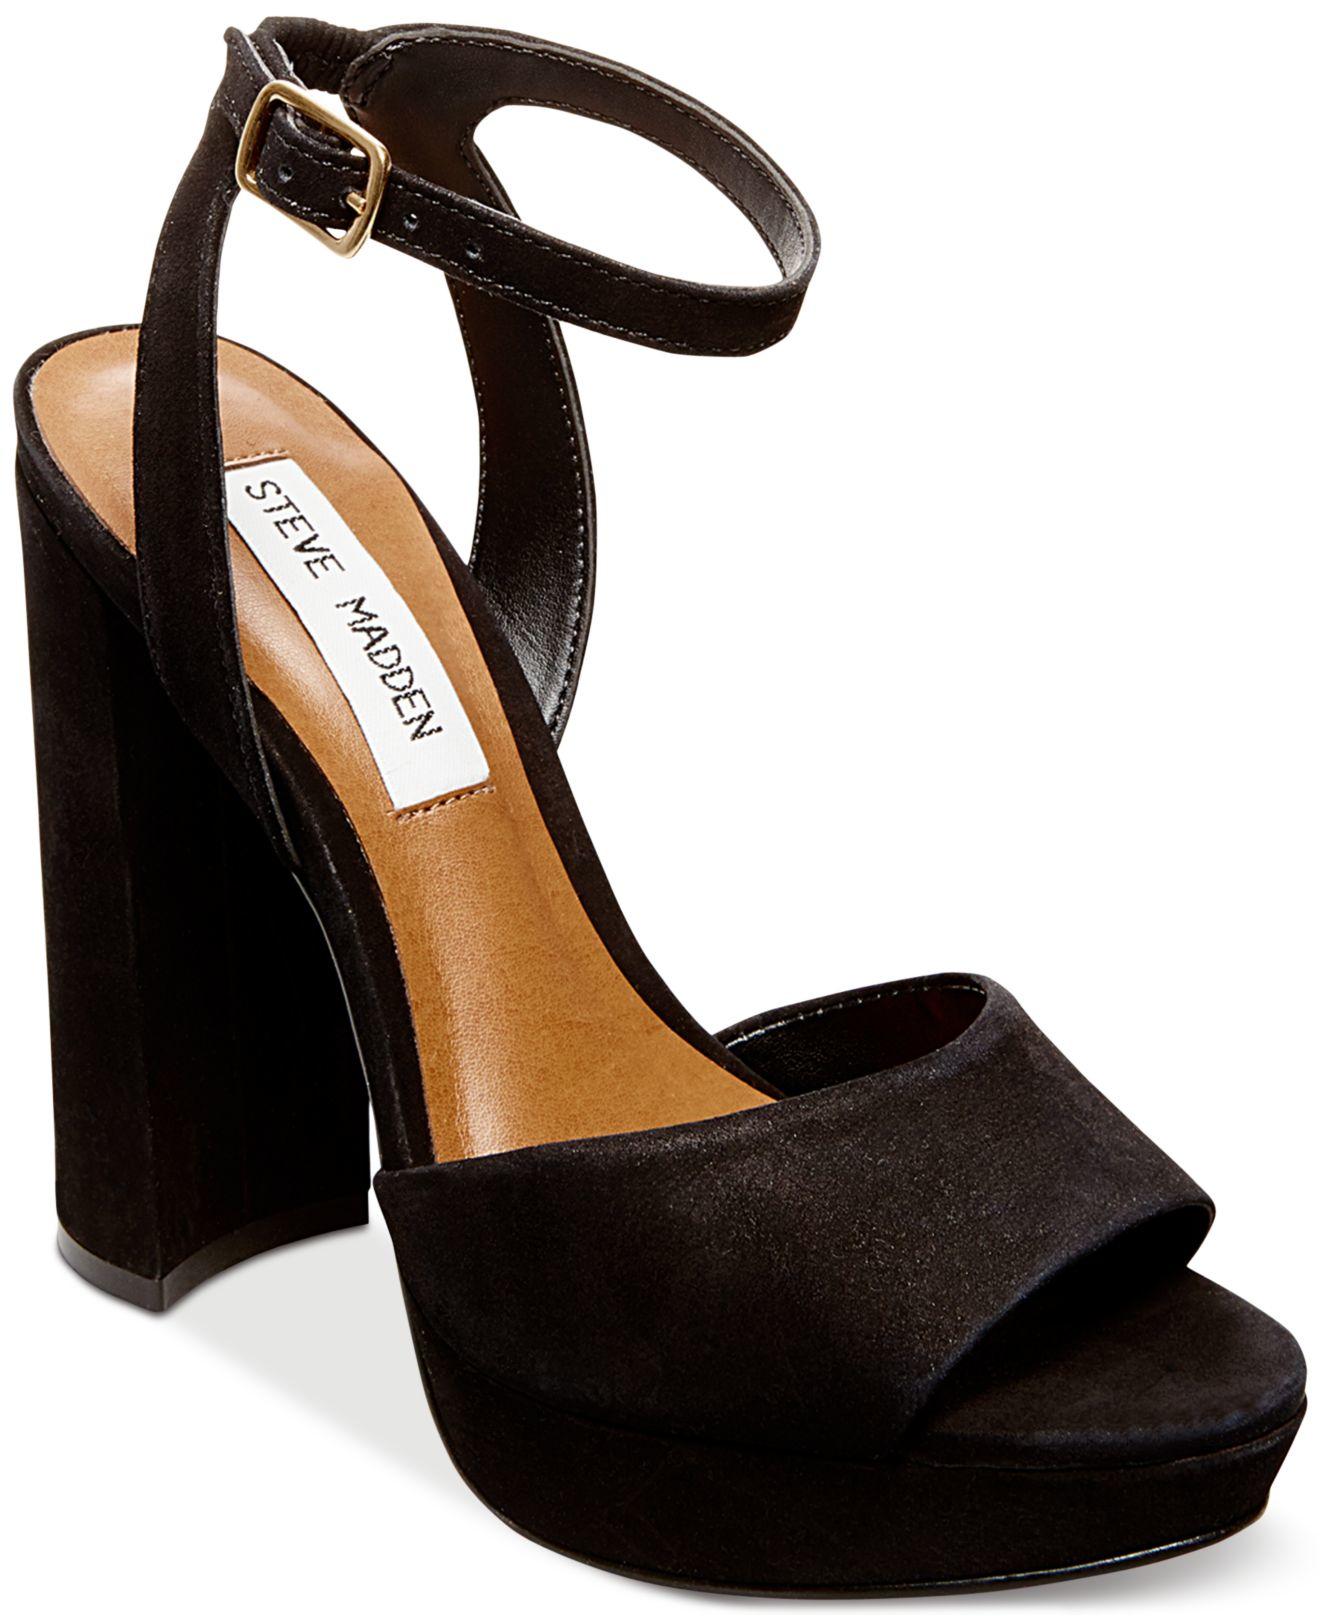 a4a680764 Steve Madden Women's Britt Platform Sandals in Black - Lyst